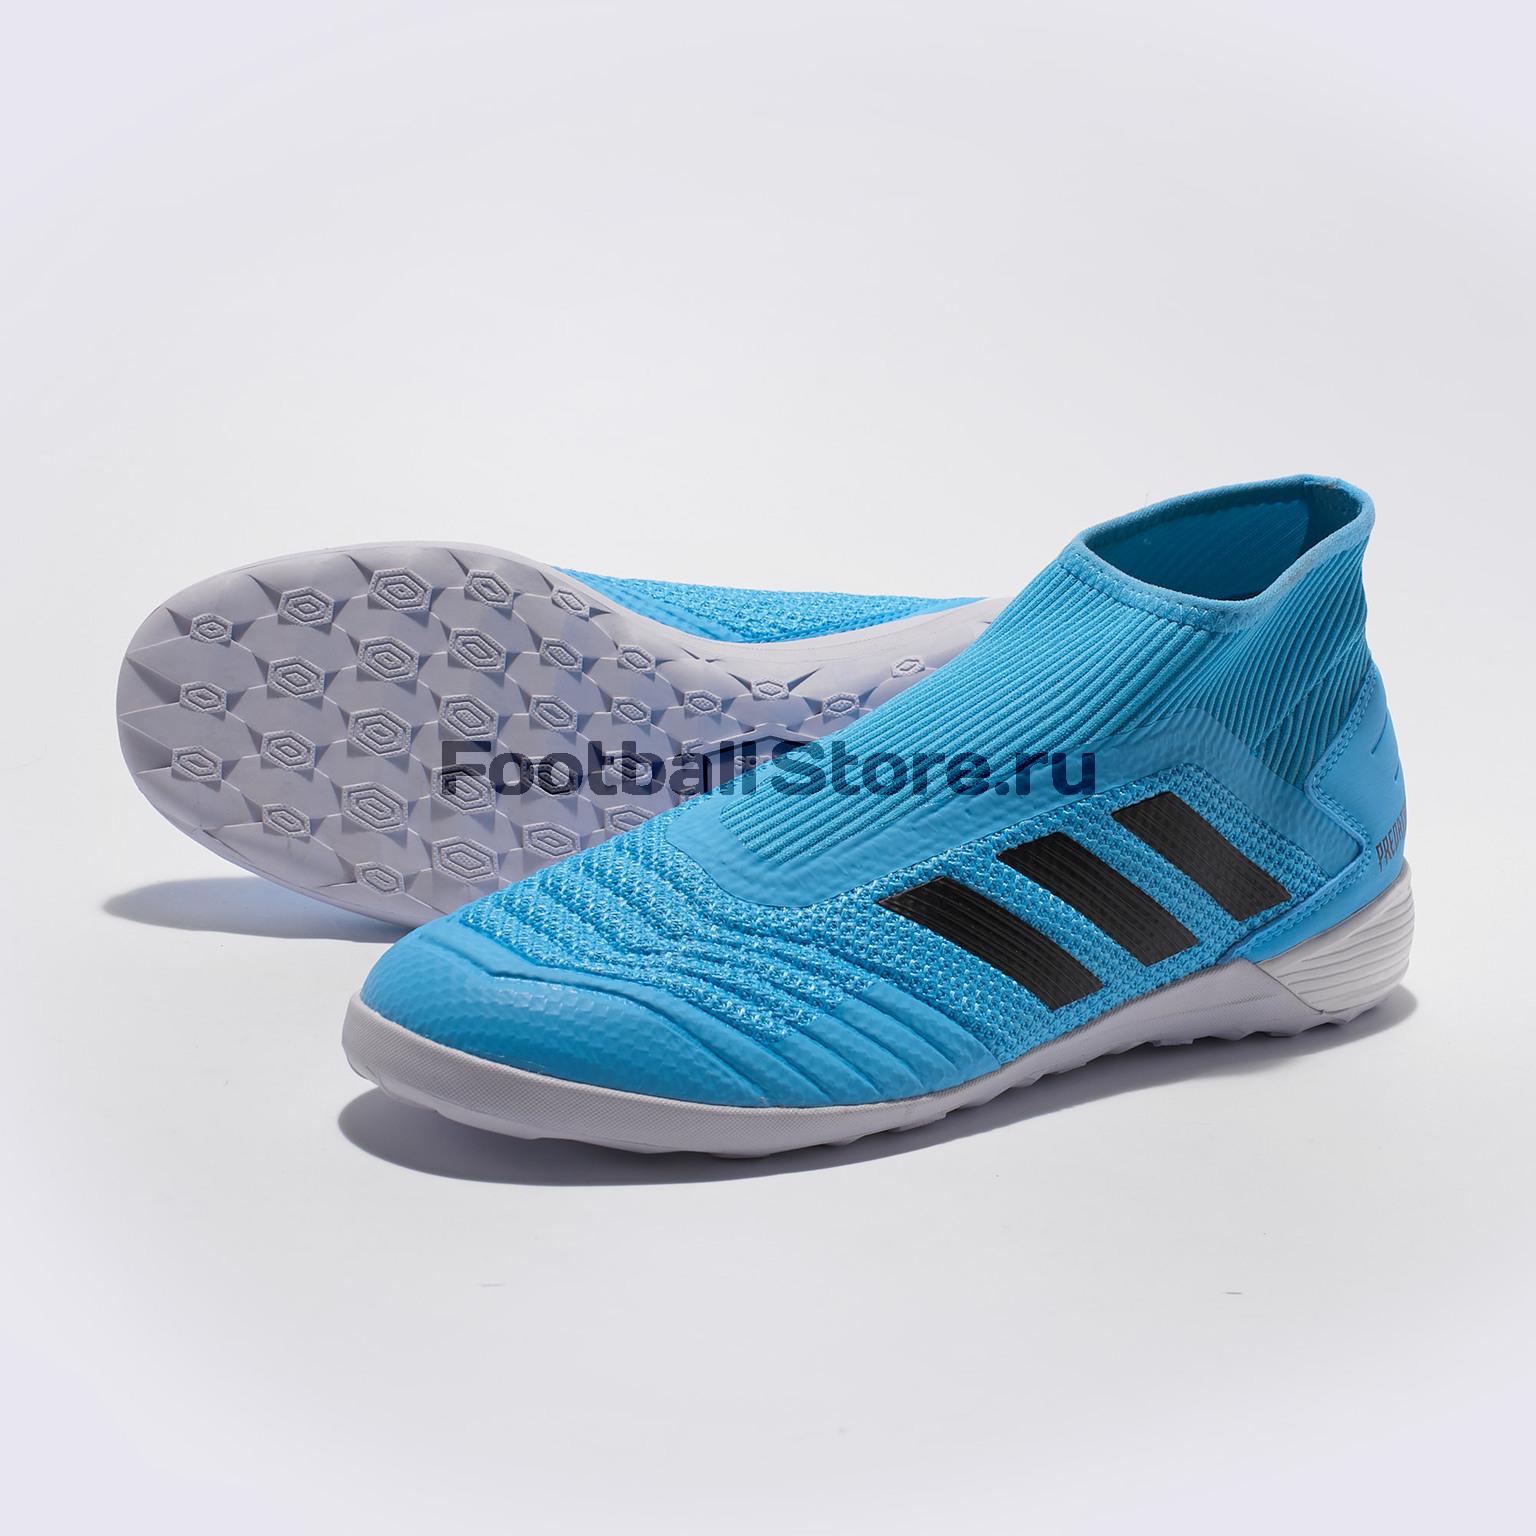 Футзалки Adidas Predator 19.3 LL IN EF0423